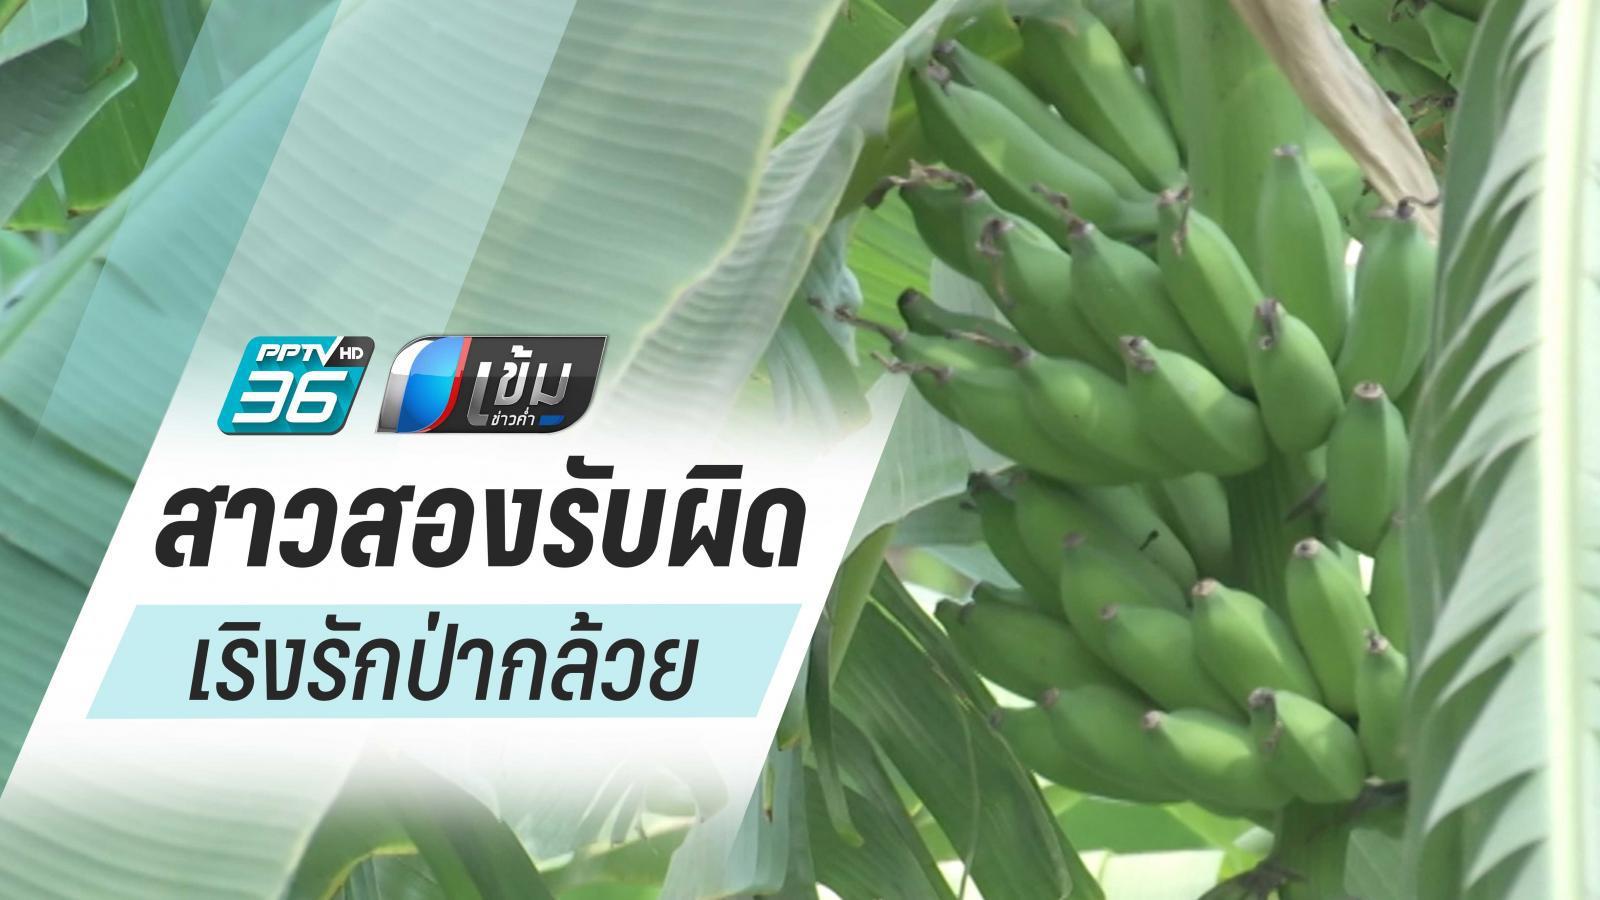 สาวสองขอรับผิดคนเดียว ปมเริงรักในป่ากล้วยกับหนุ่มส่งอาหาร